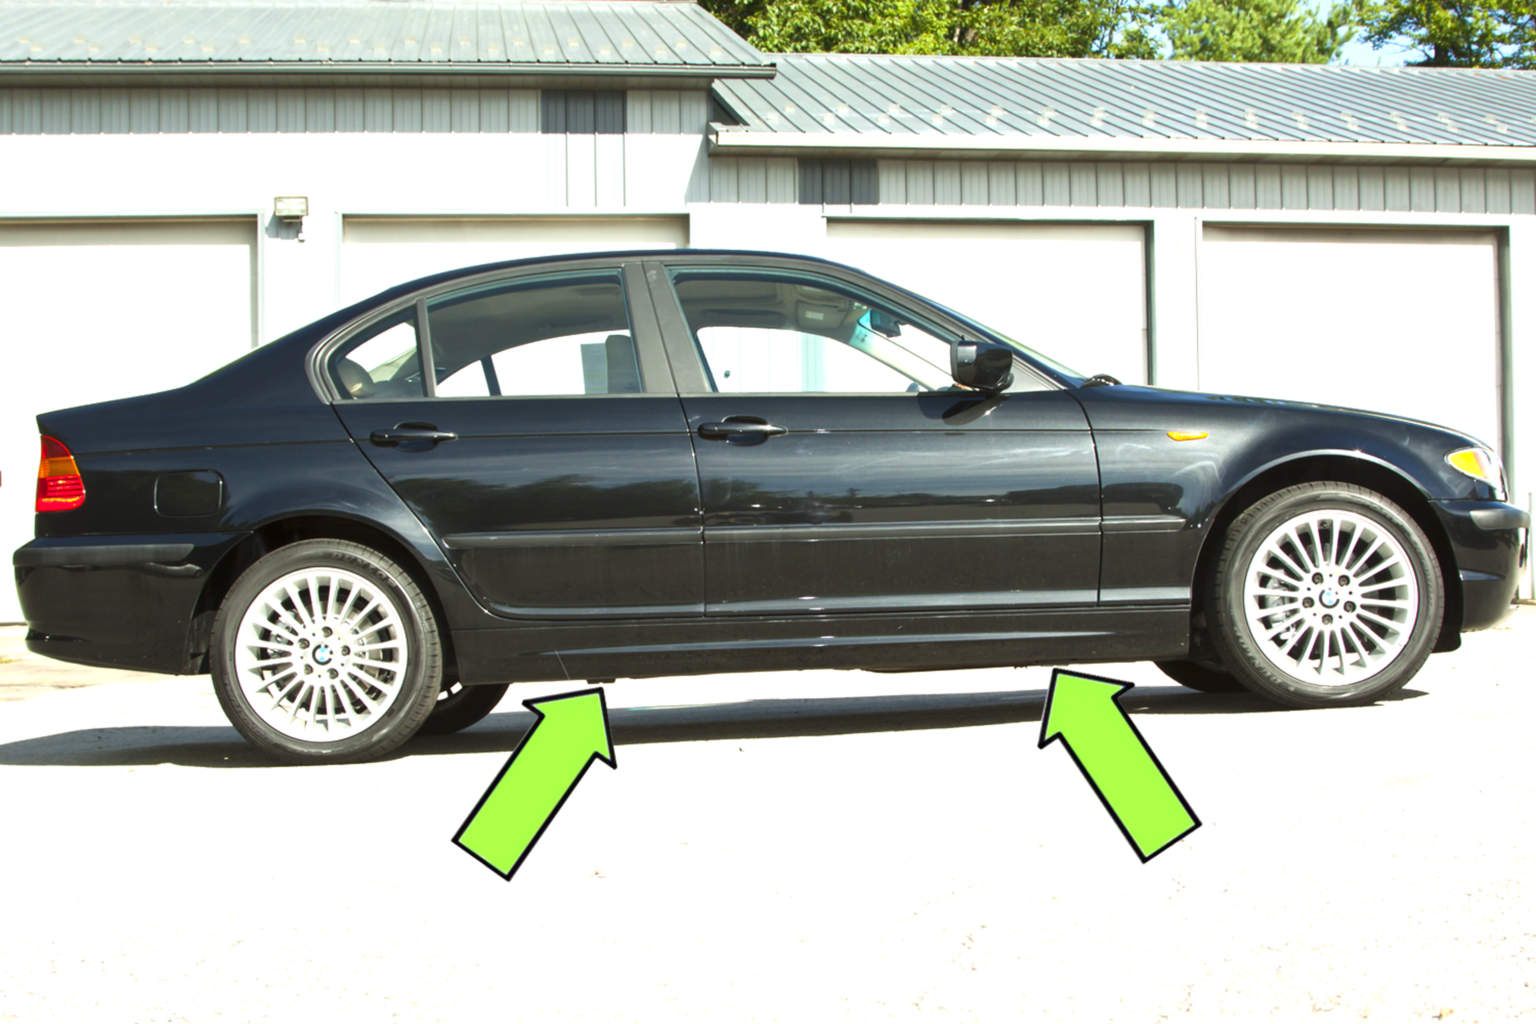 Tutoriel-vidange-moteur-et-remise-a-zero-de-lindicateur-de-maintenance-de-la-BMW-Serie-3-E46-4.jpg